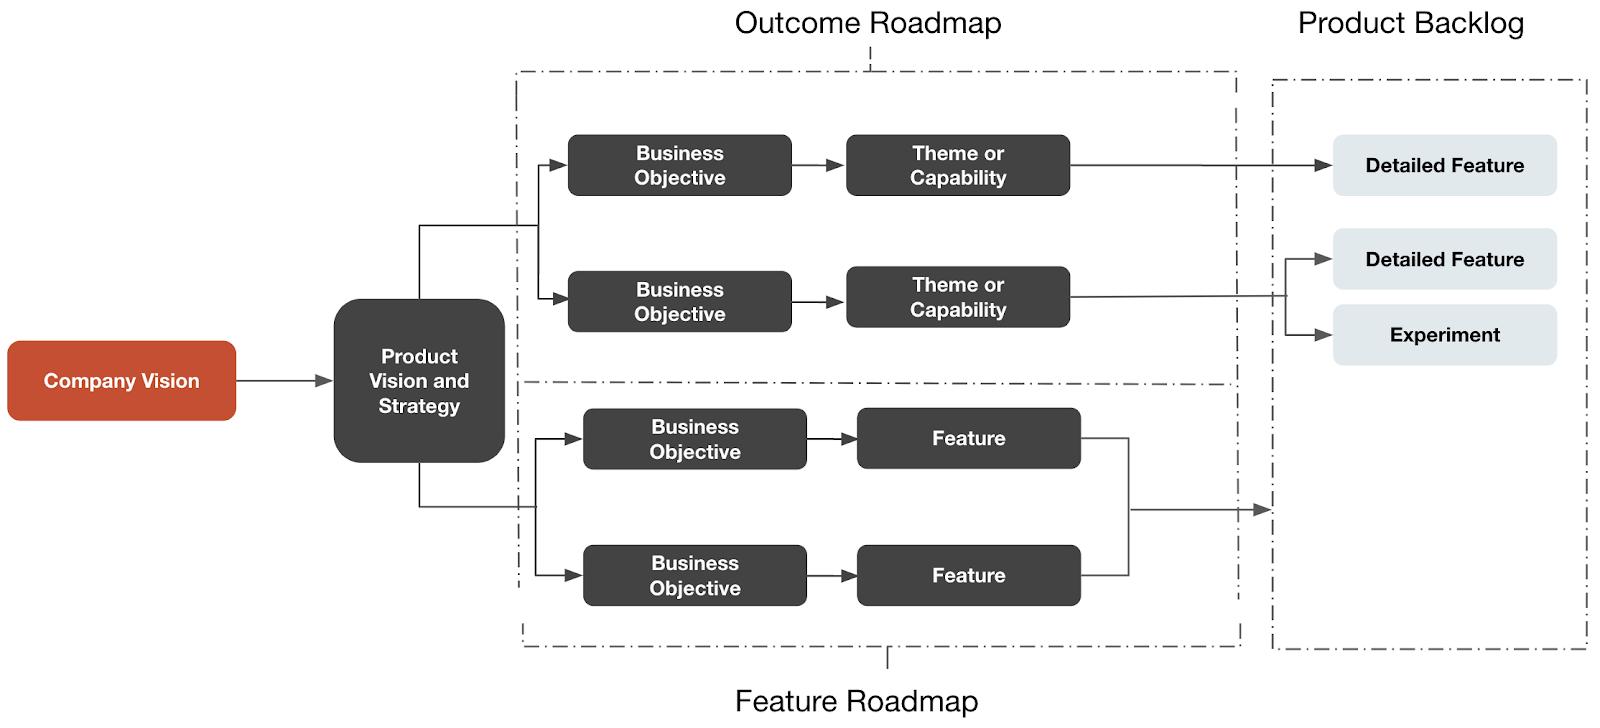 Roadmap formats: Feature-centric vs. Outcome-centric